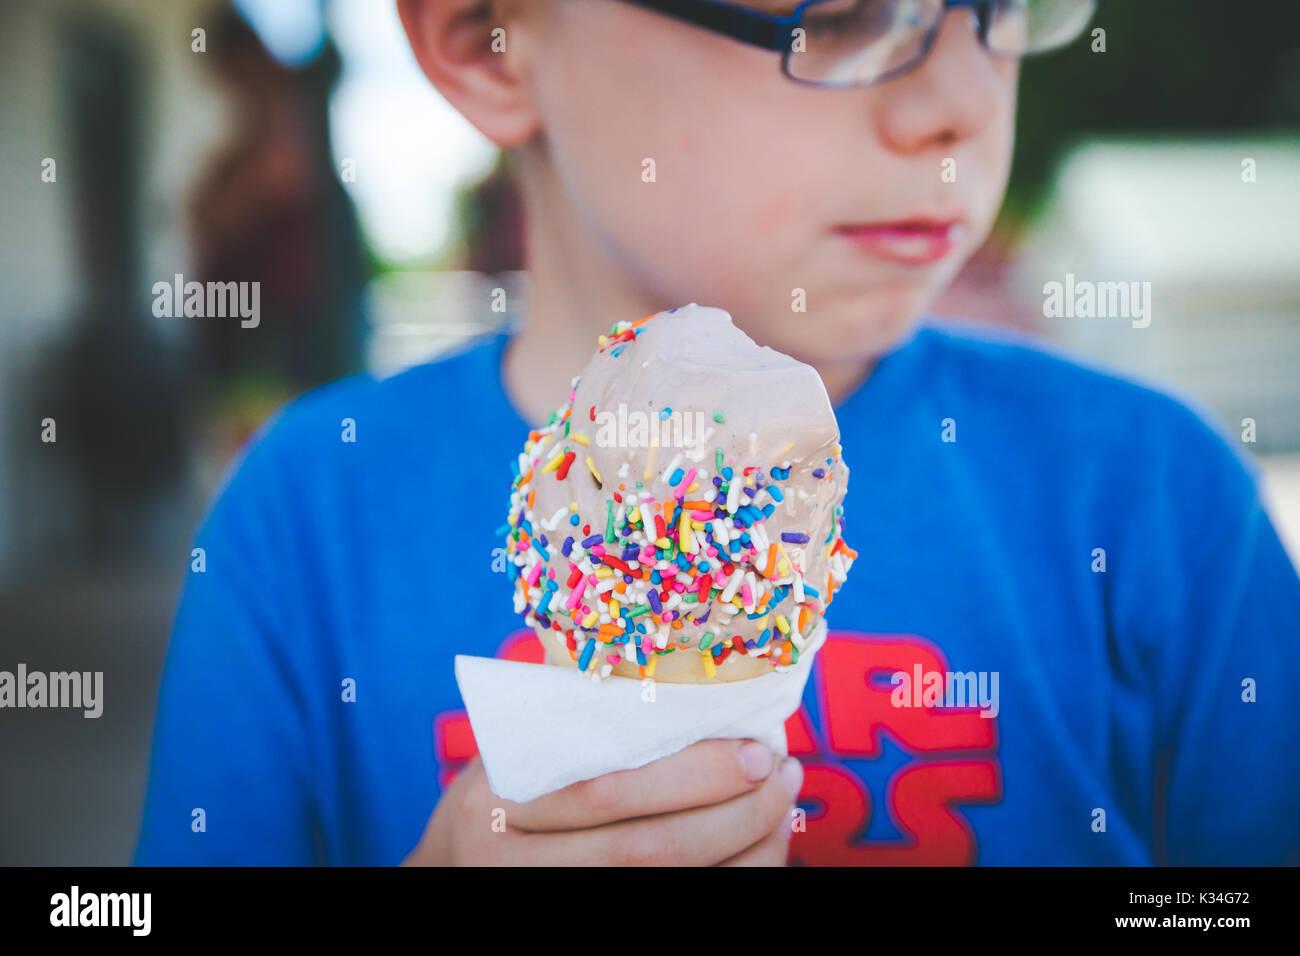 A boy eats an ice cream cone during a warmer season. - Stock Image